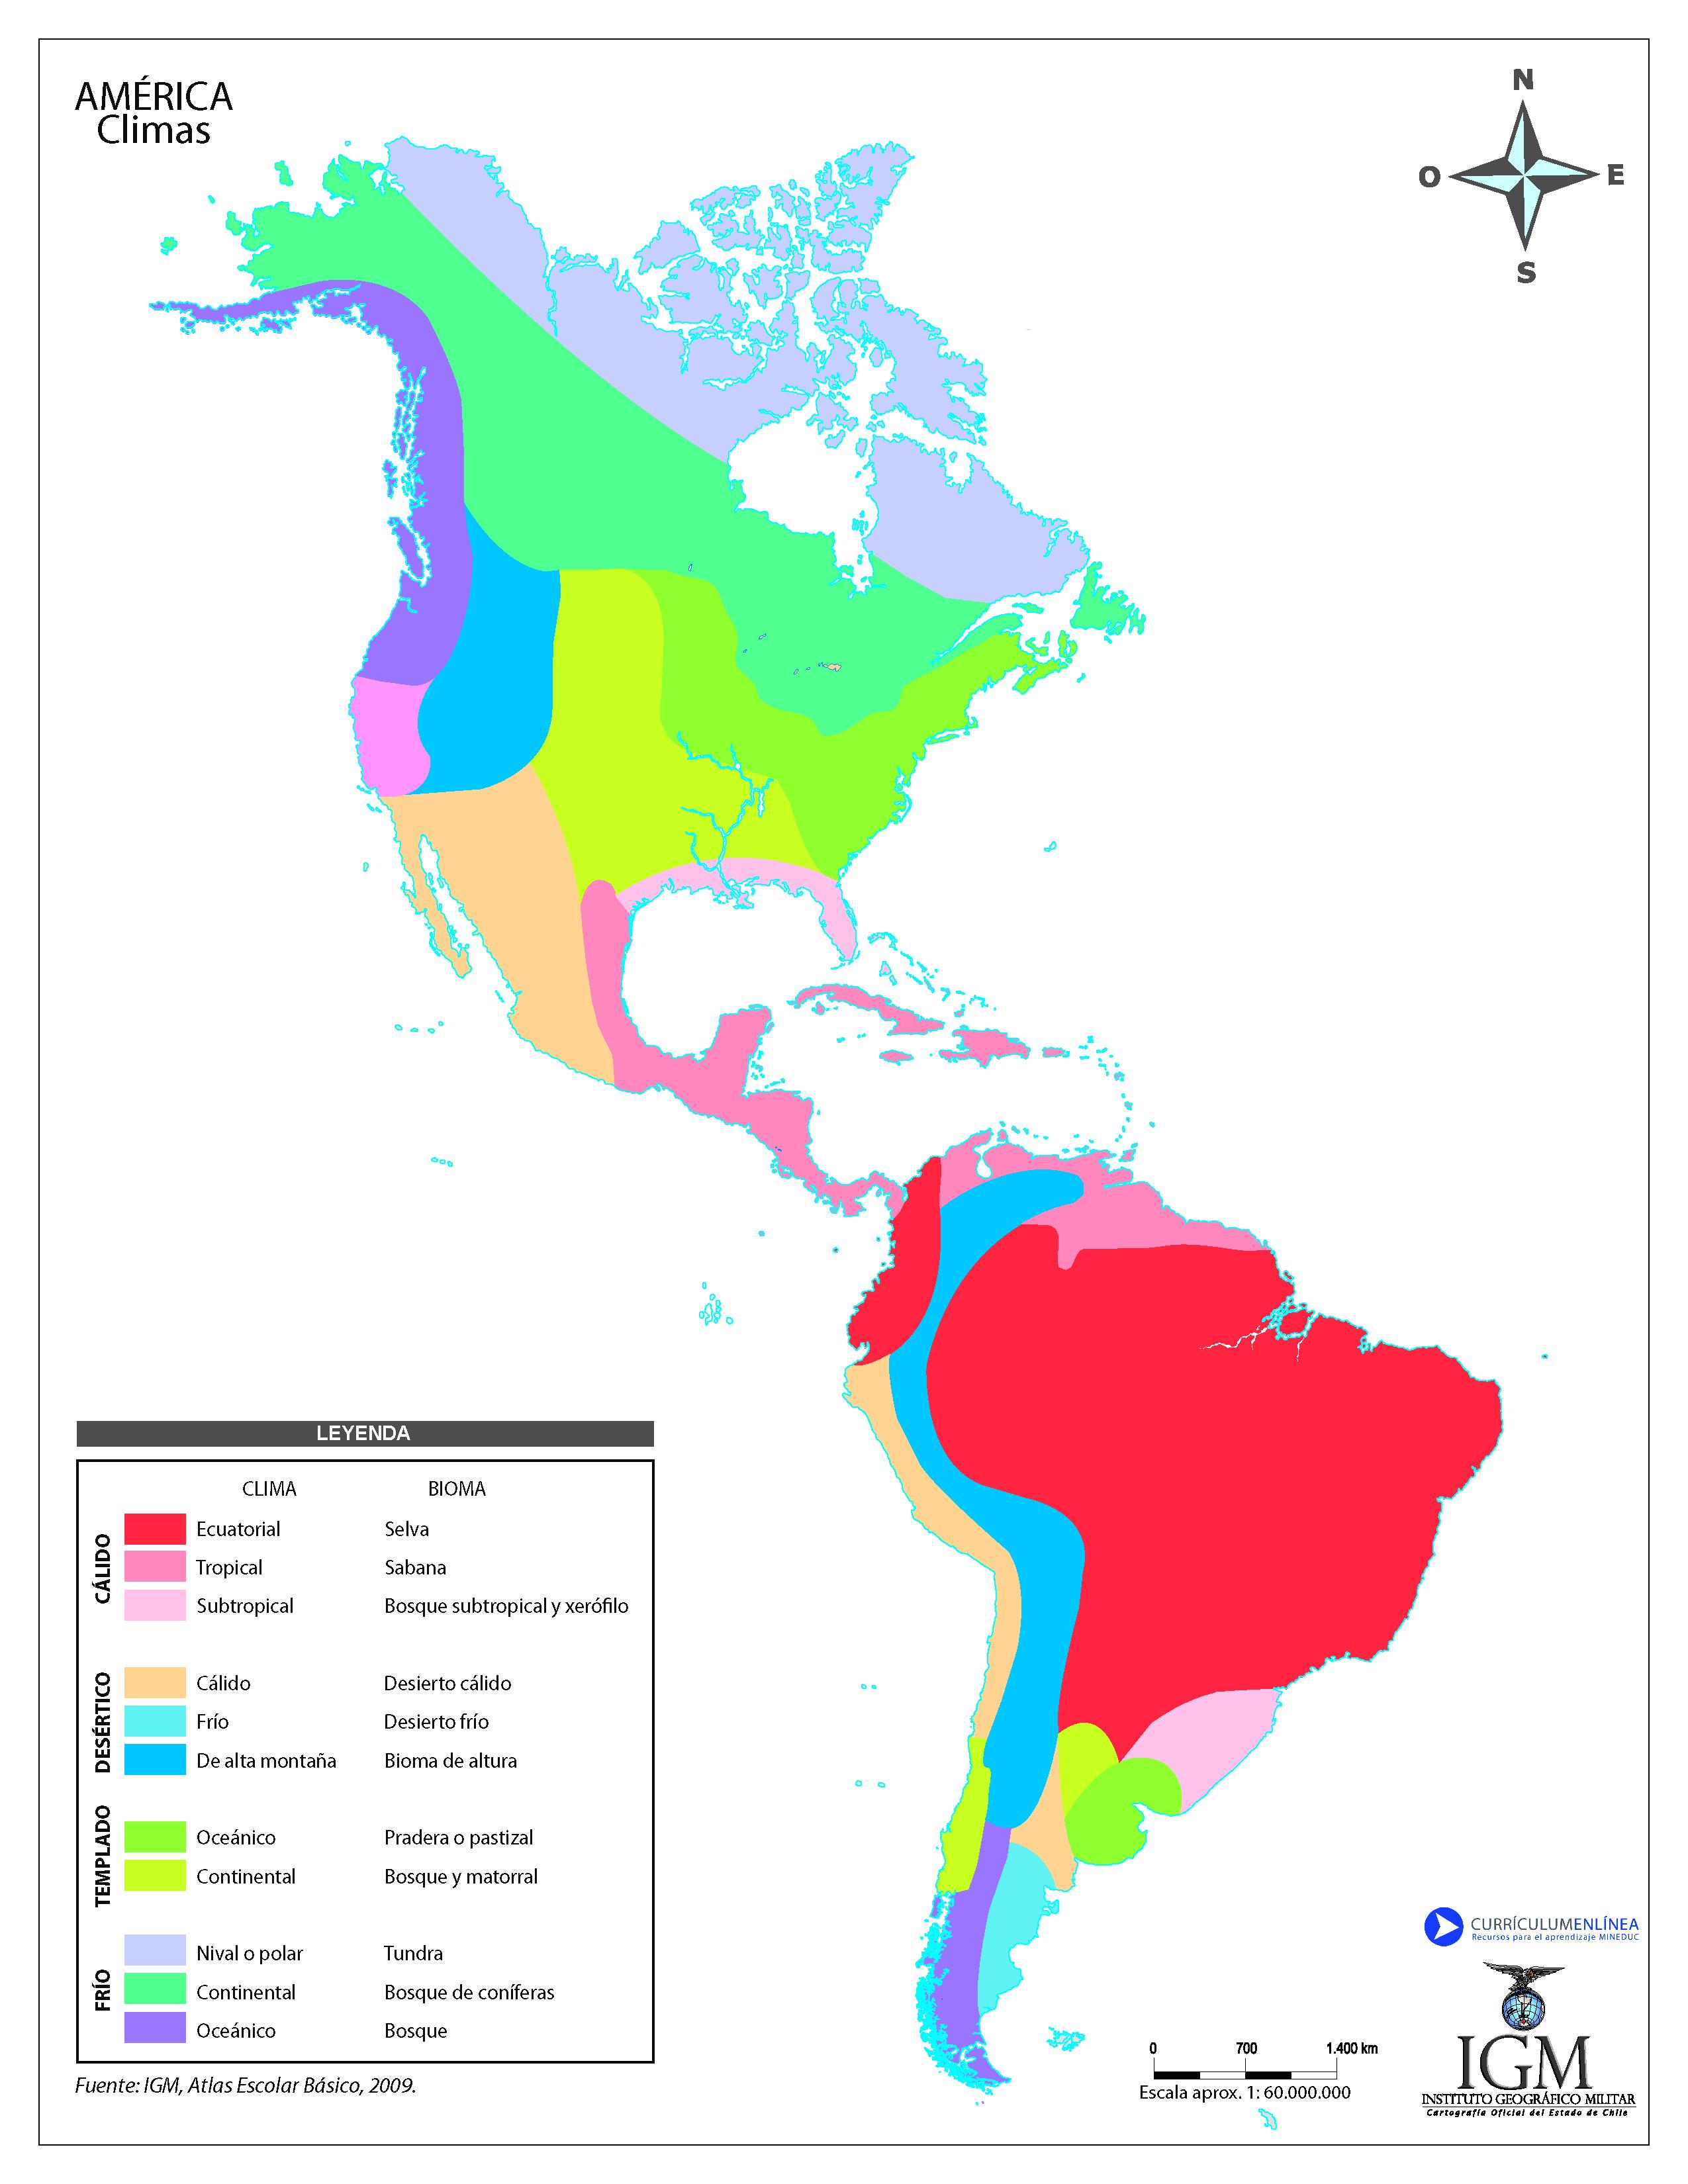 Mapa De America Mudo A Color.Climas De America A Color Curriculum Nacional Mineduc Chile